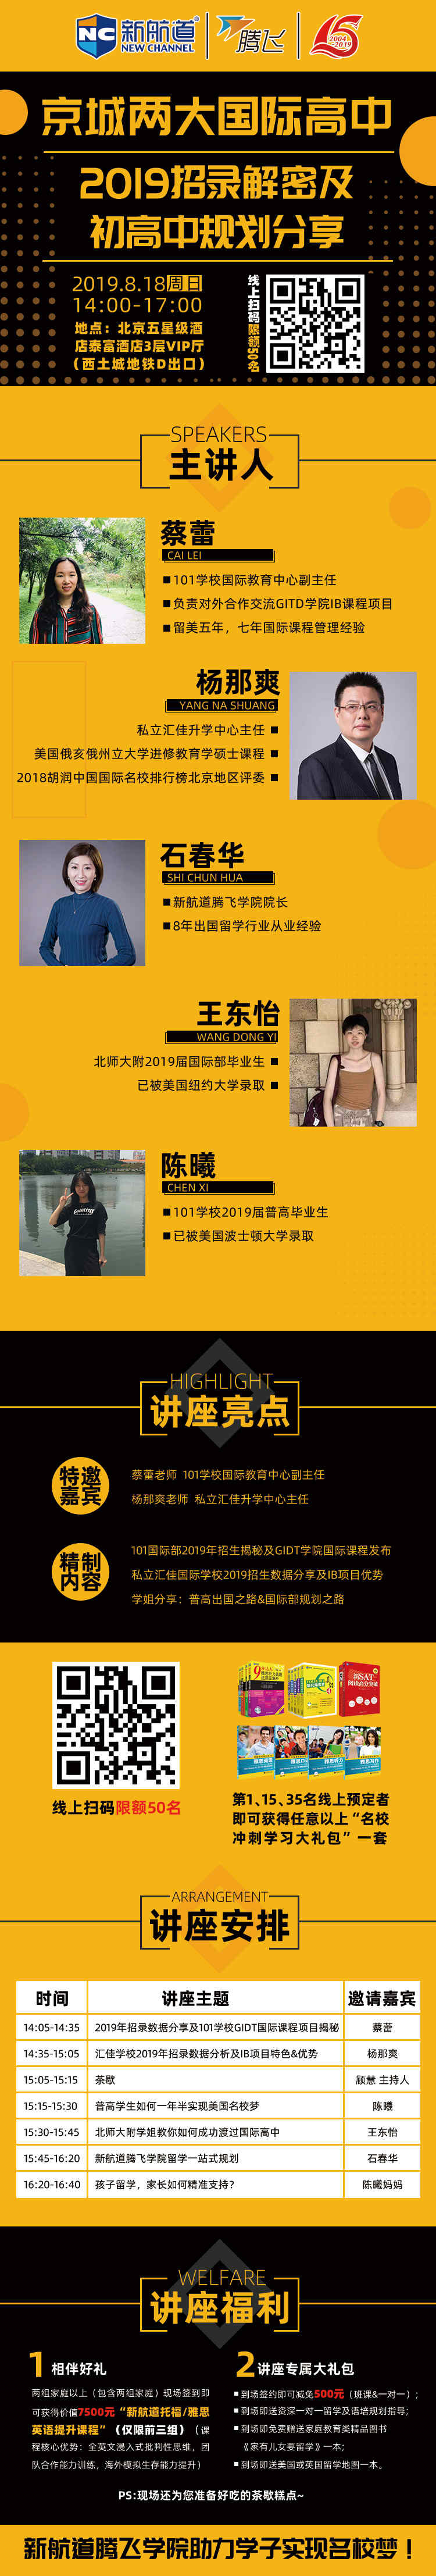 京城两大国际高中2019招录解密及初高中规划分享